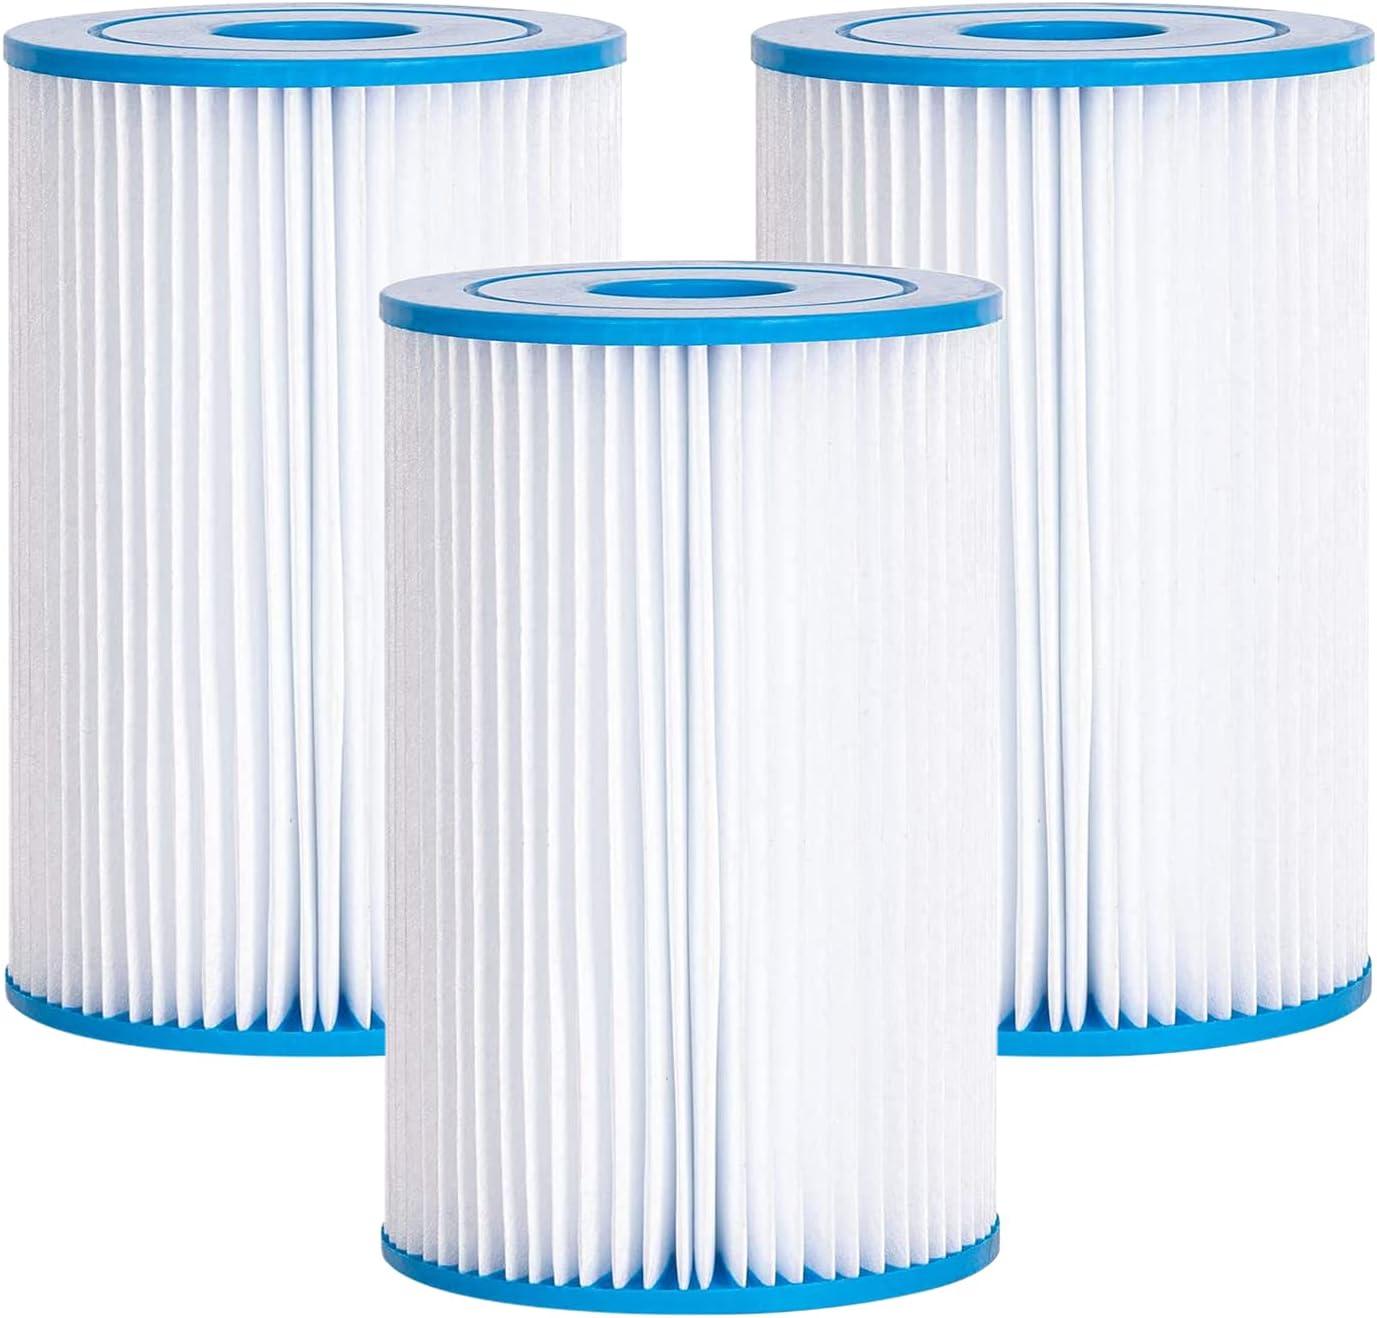 Cdemiy Cartuchos de Filtro, 3 Pcs Bestway Size II Cartucho para Filtros para Piscinas, Bomba de Filtro de Agua de Circulación de Piscina Inflable, para Limpieza de Piscina de Tubo